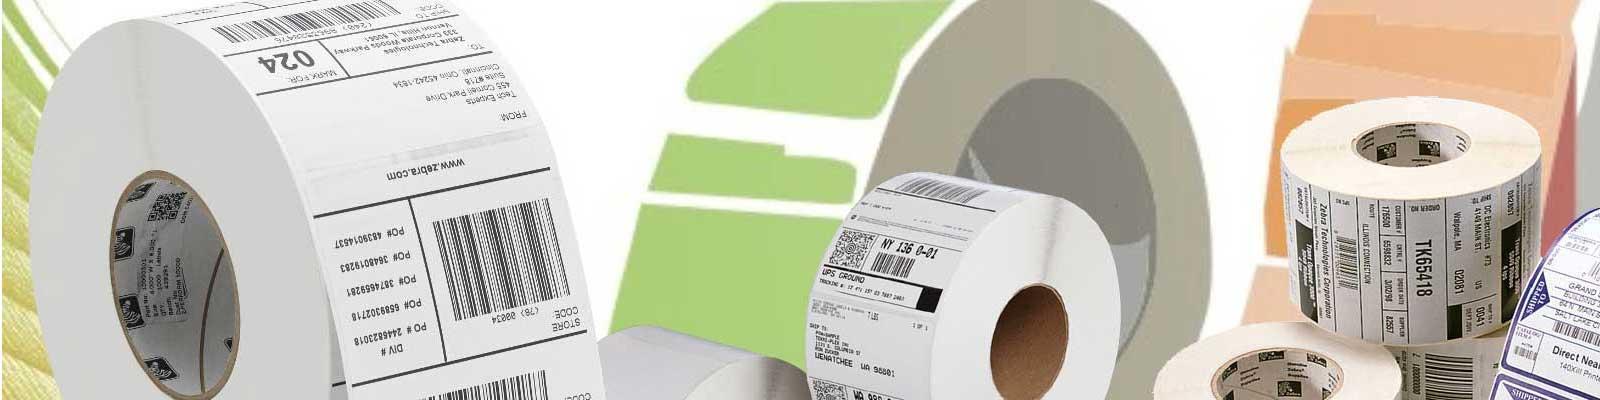 Etiquetas Impresoras Godex